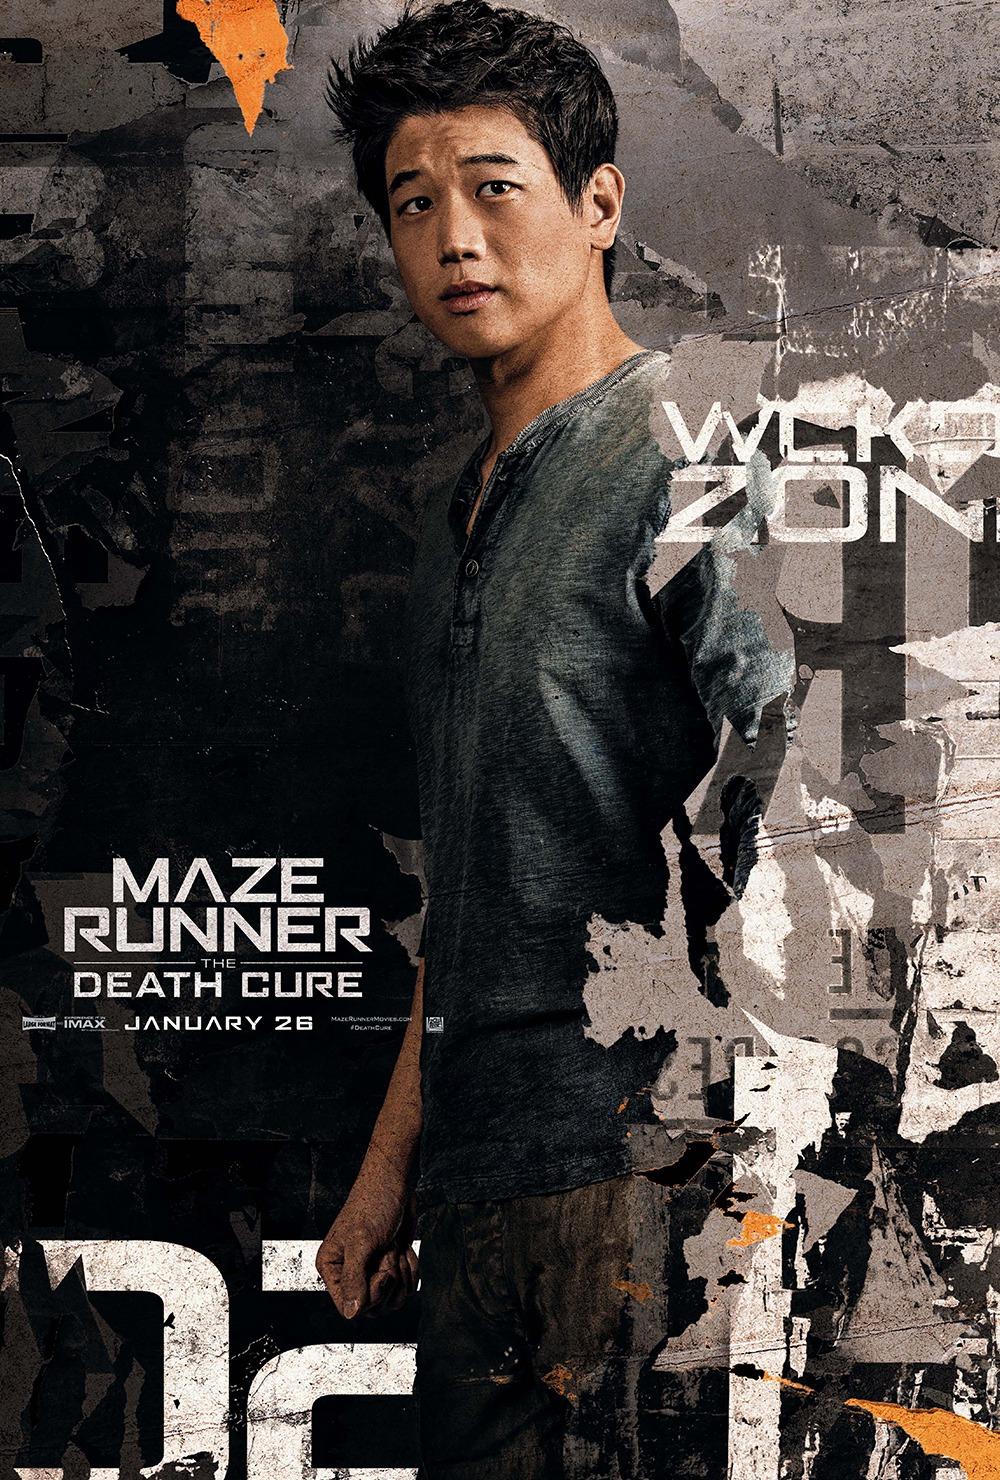 Maze Runner 3 Kinostart